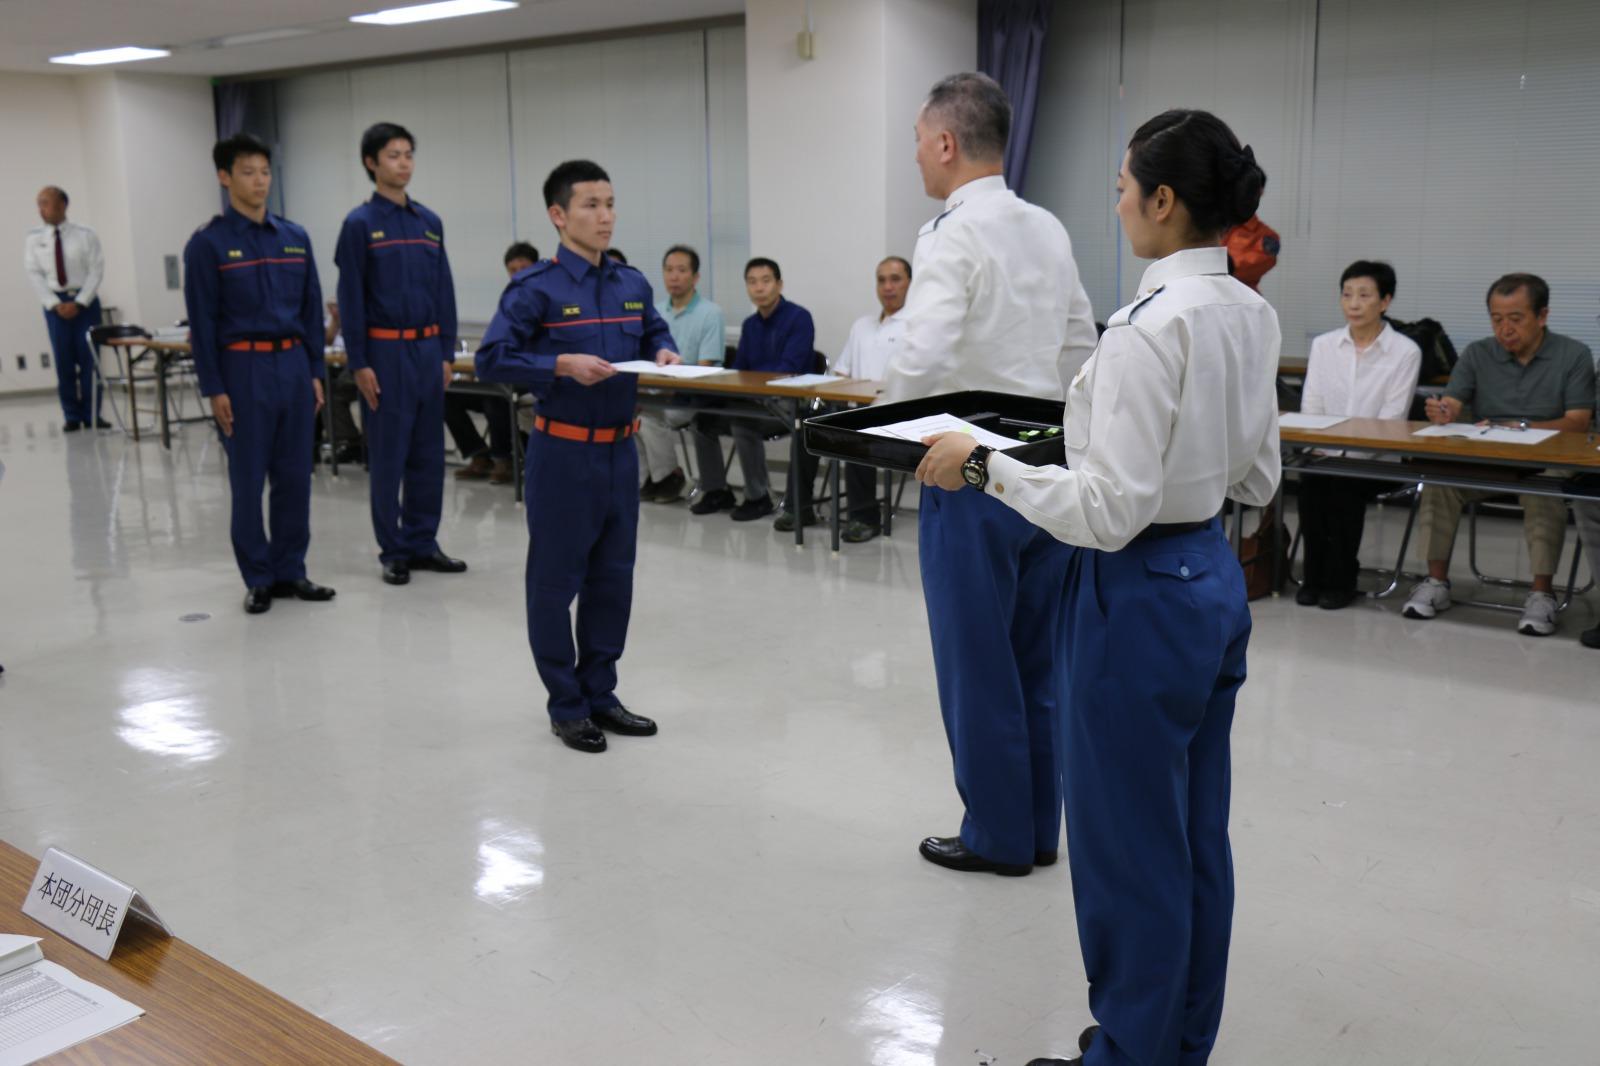 豊島消防署から、特別区学生消防団活動認証制度では初の認証状が交付された -- 帝京平成大学